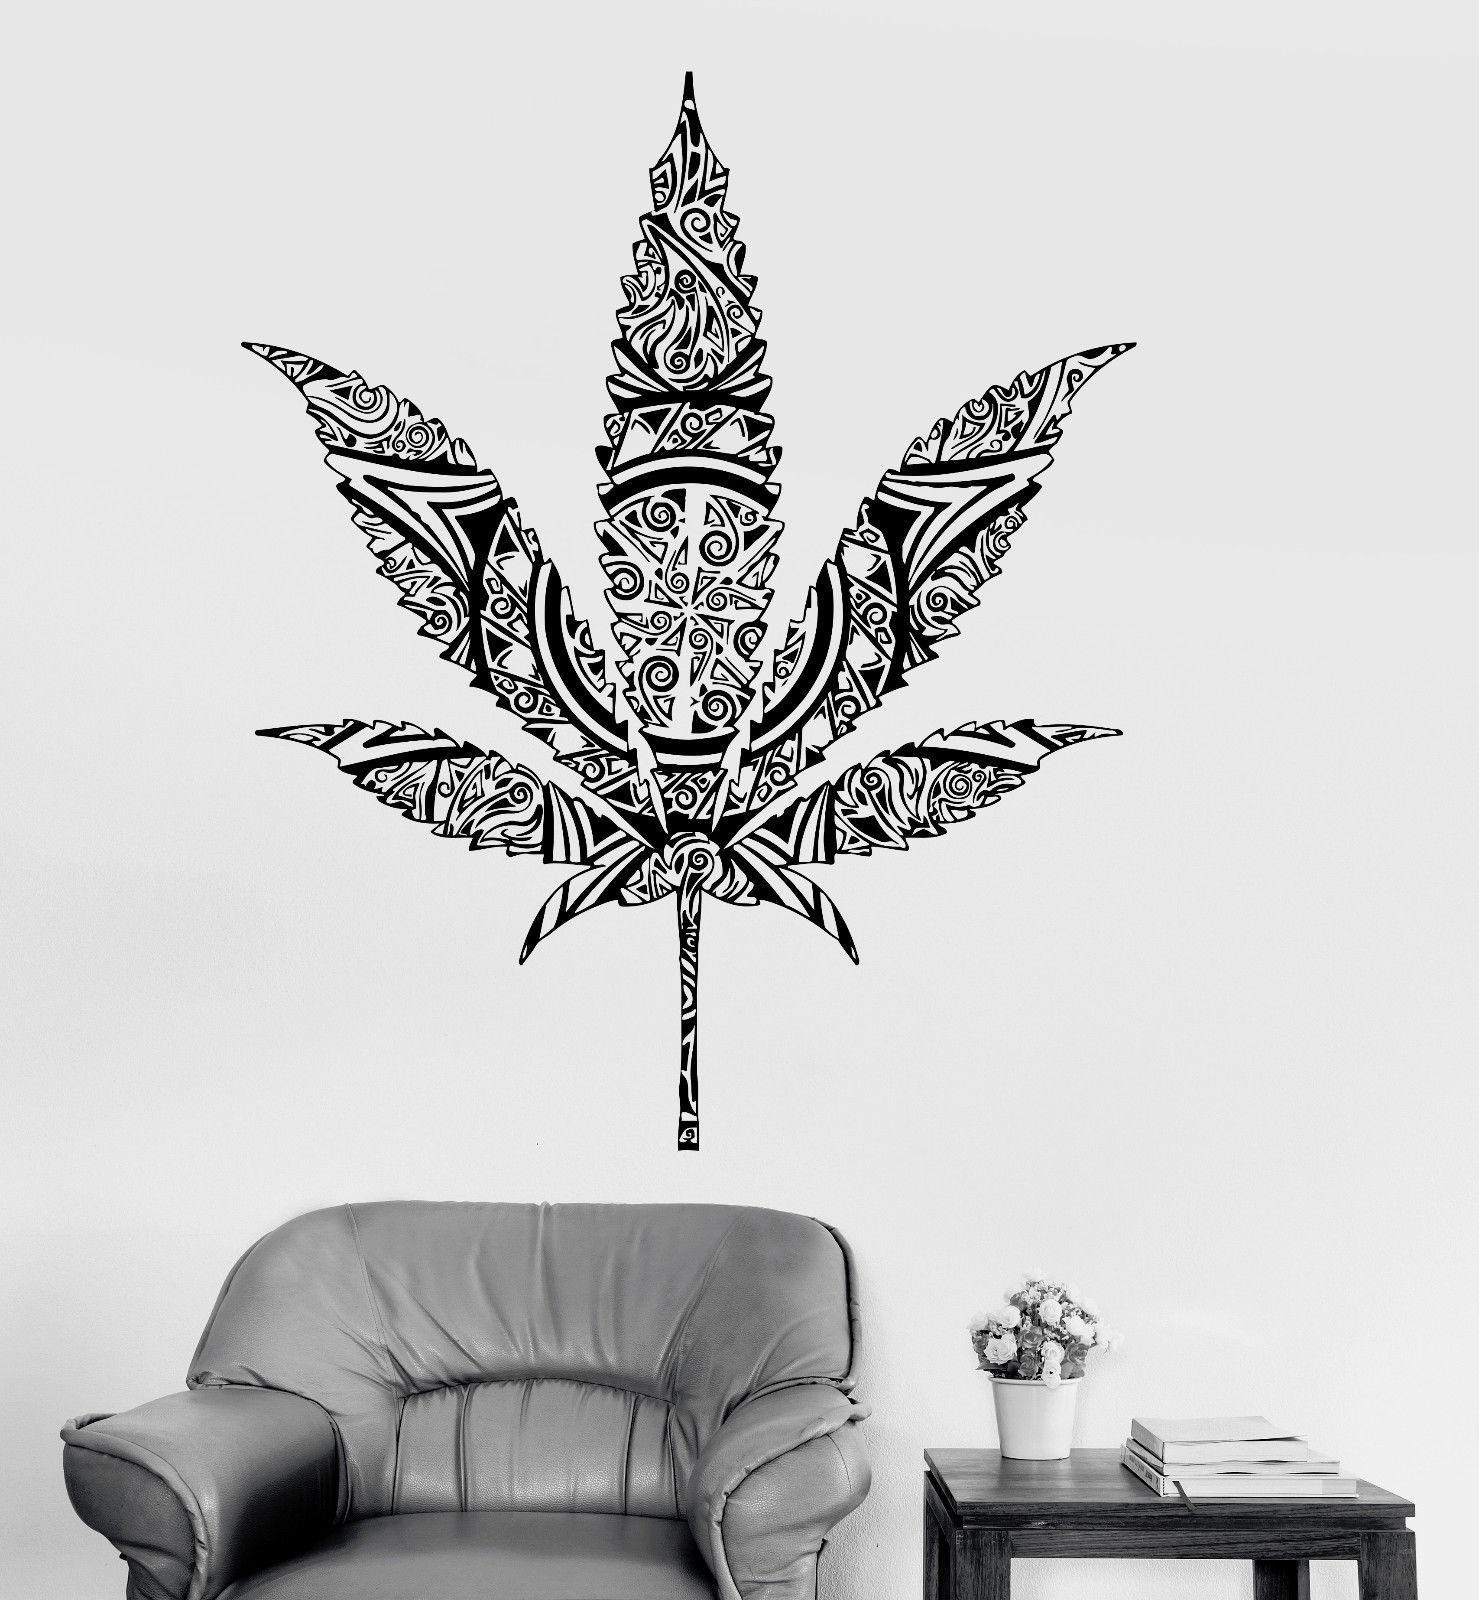 Vinyl Wall Decal Weed Cannabis Hemp Marijuana Rastafarian